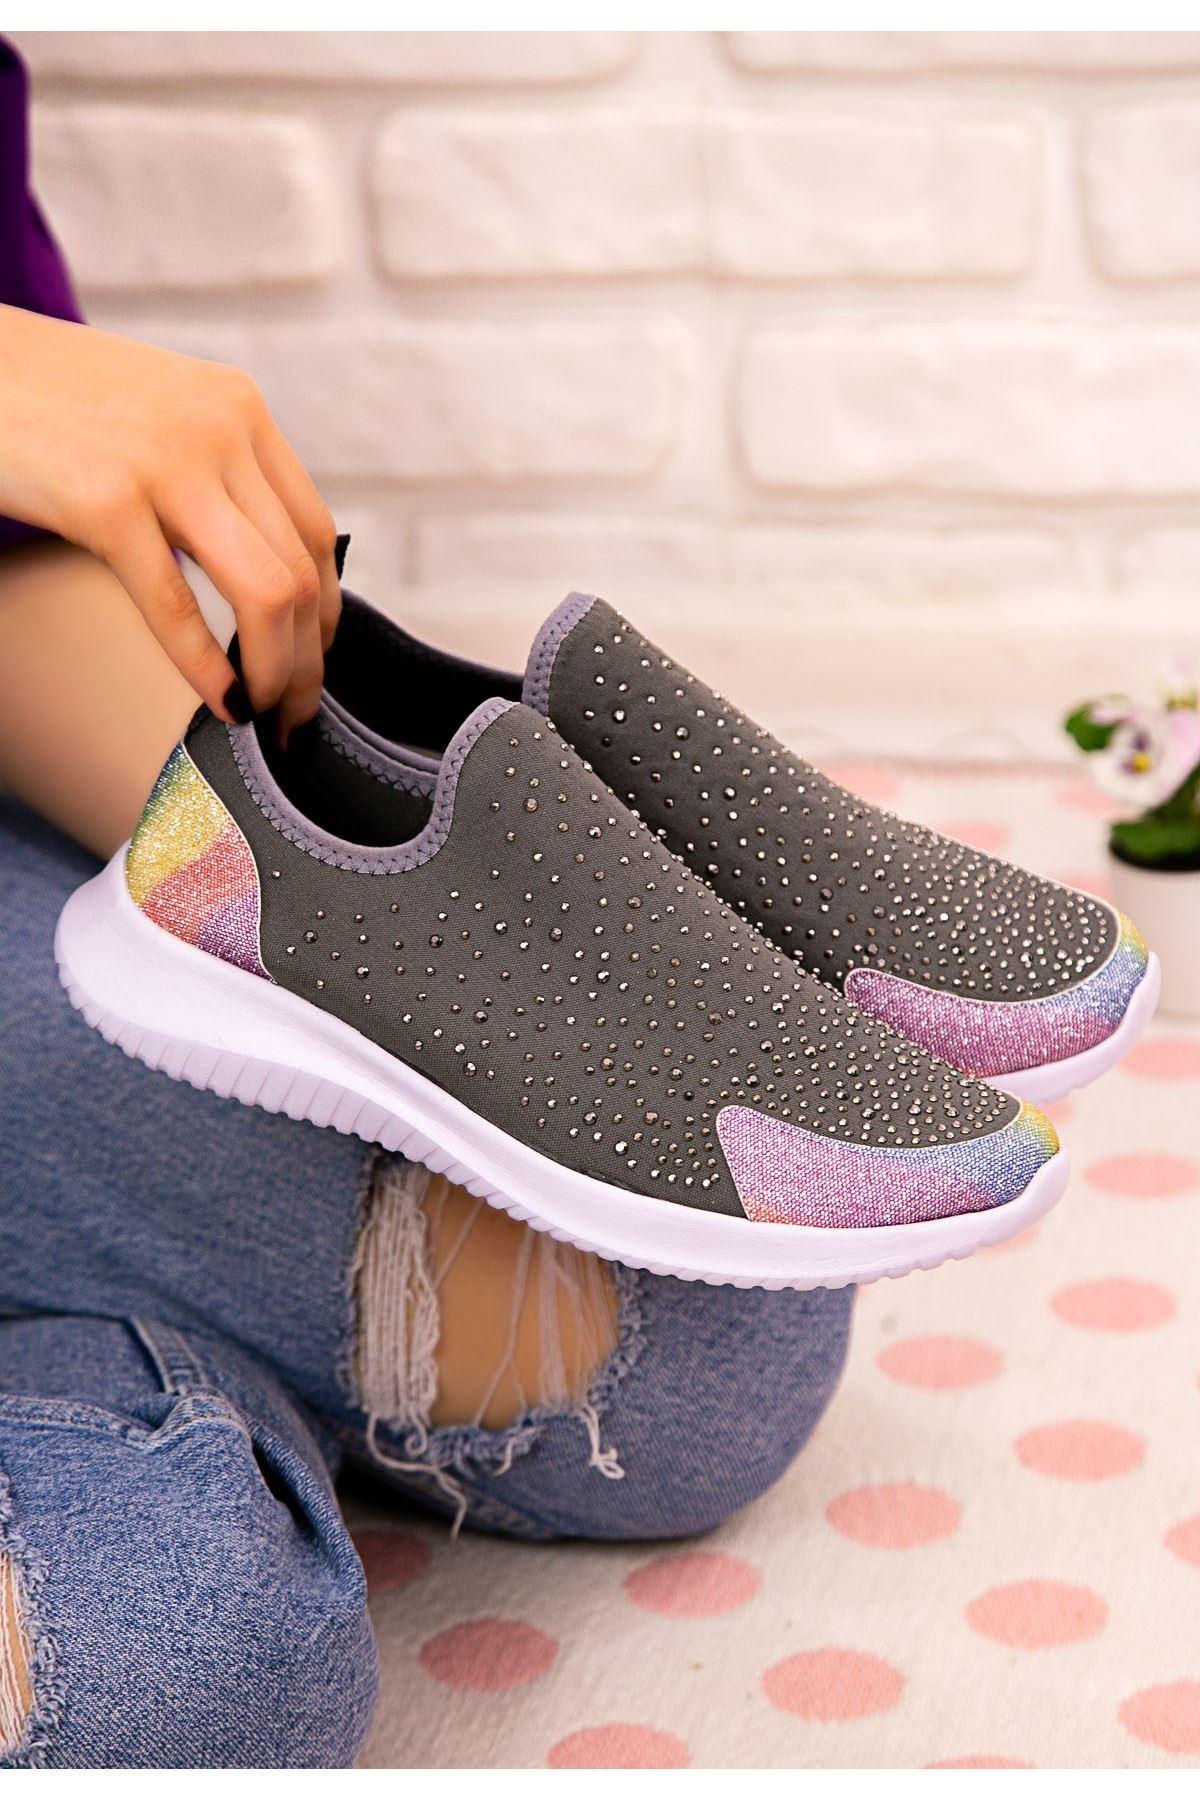 Stin Koyu Gri Boncuk İşlemeli Spor Ayakkabı